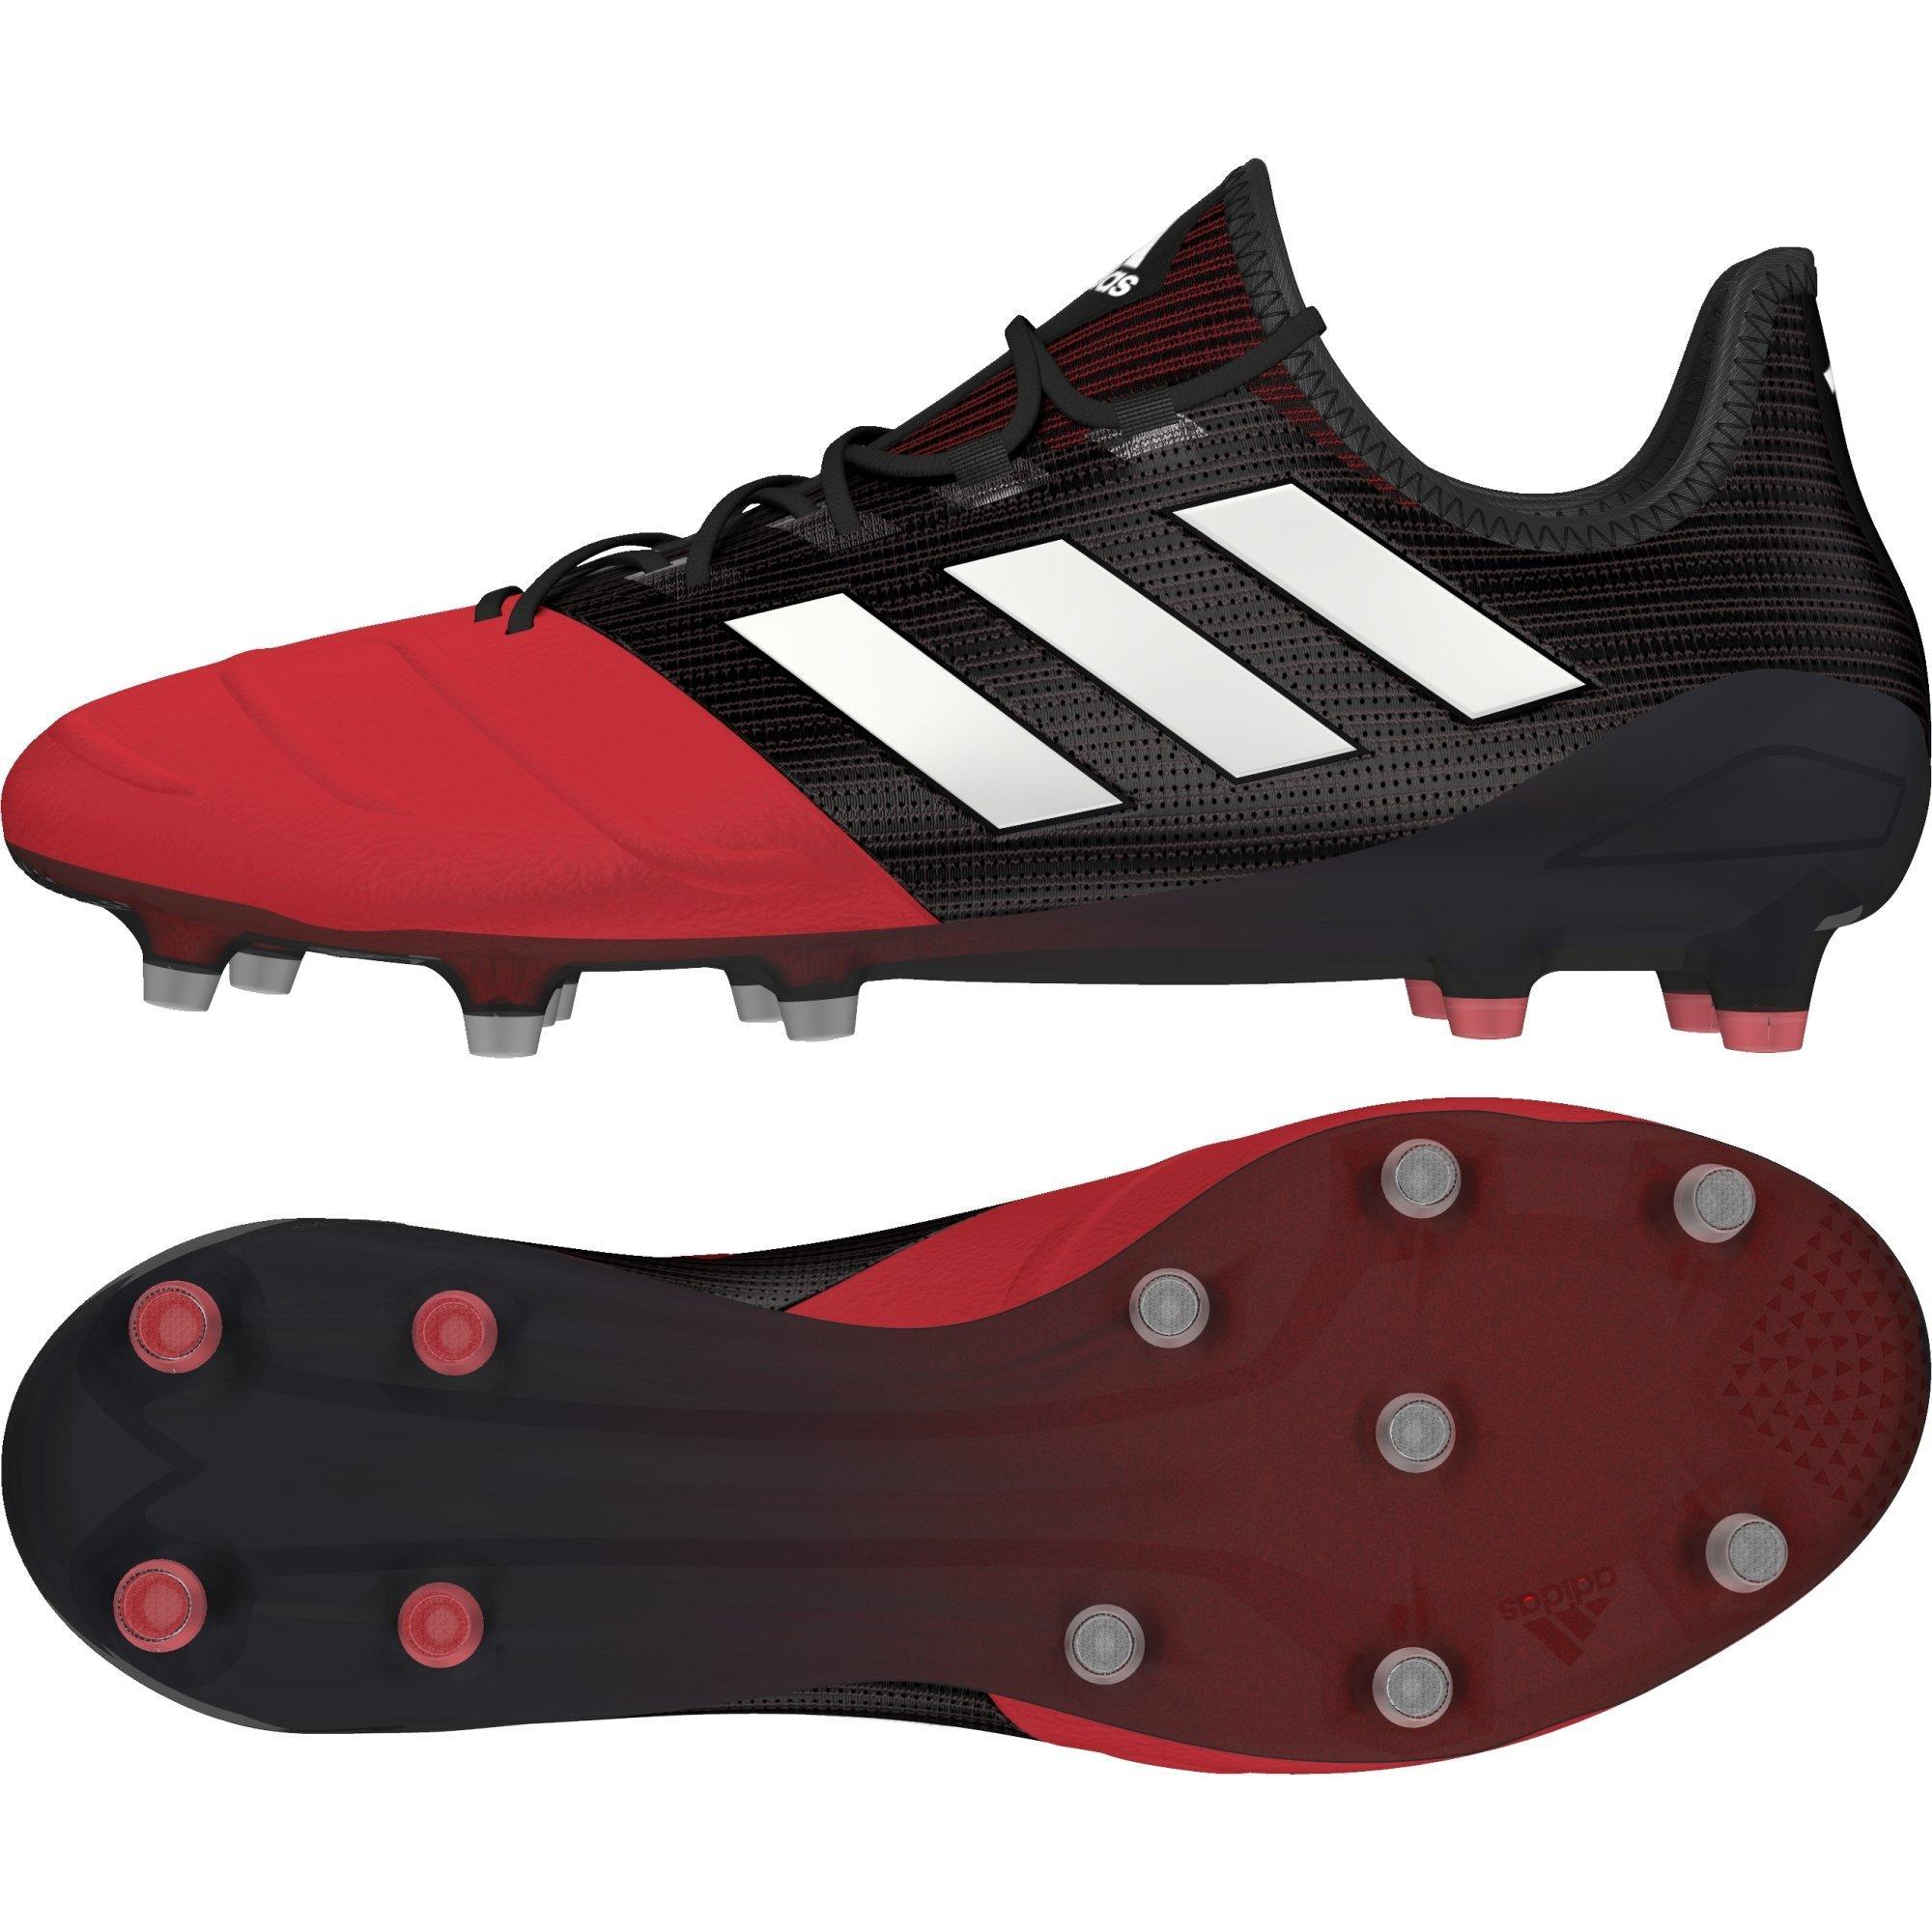 adidas Ace 17.1 Leather Fg für Fußballtrainingsschuhe für Herren - Sparen Sie 43%